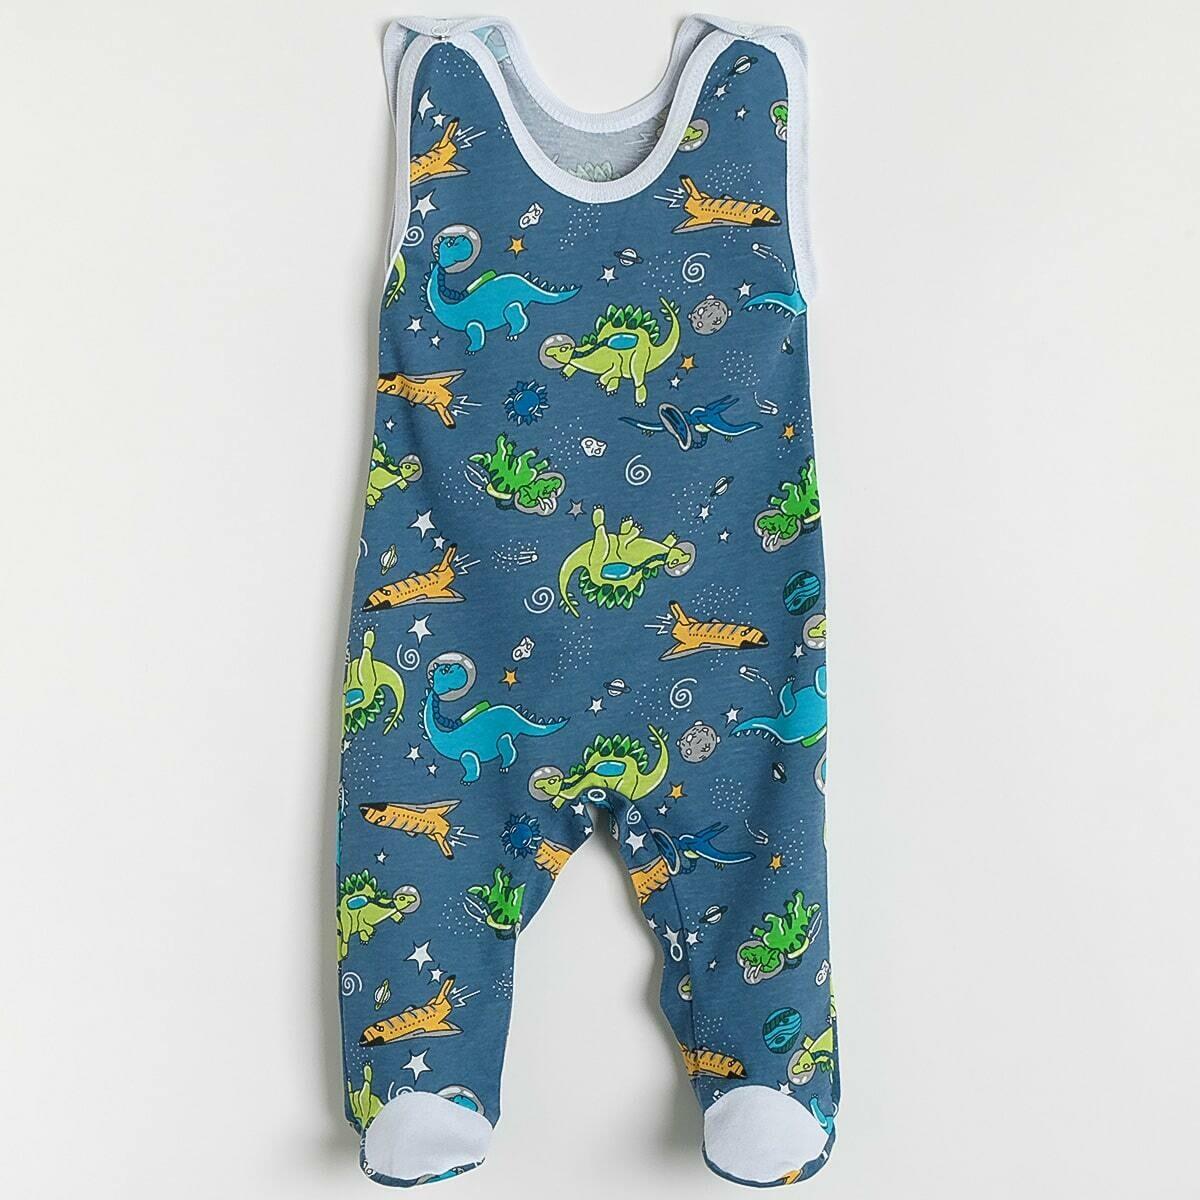 Ползунки ГНОМИК с кнопками под памперс, тонкий трикотаж, динозавры, синий